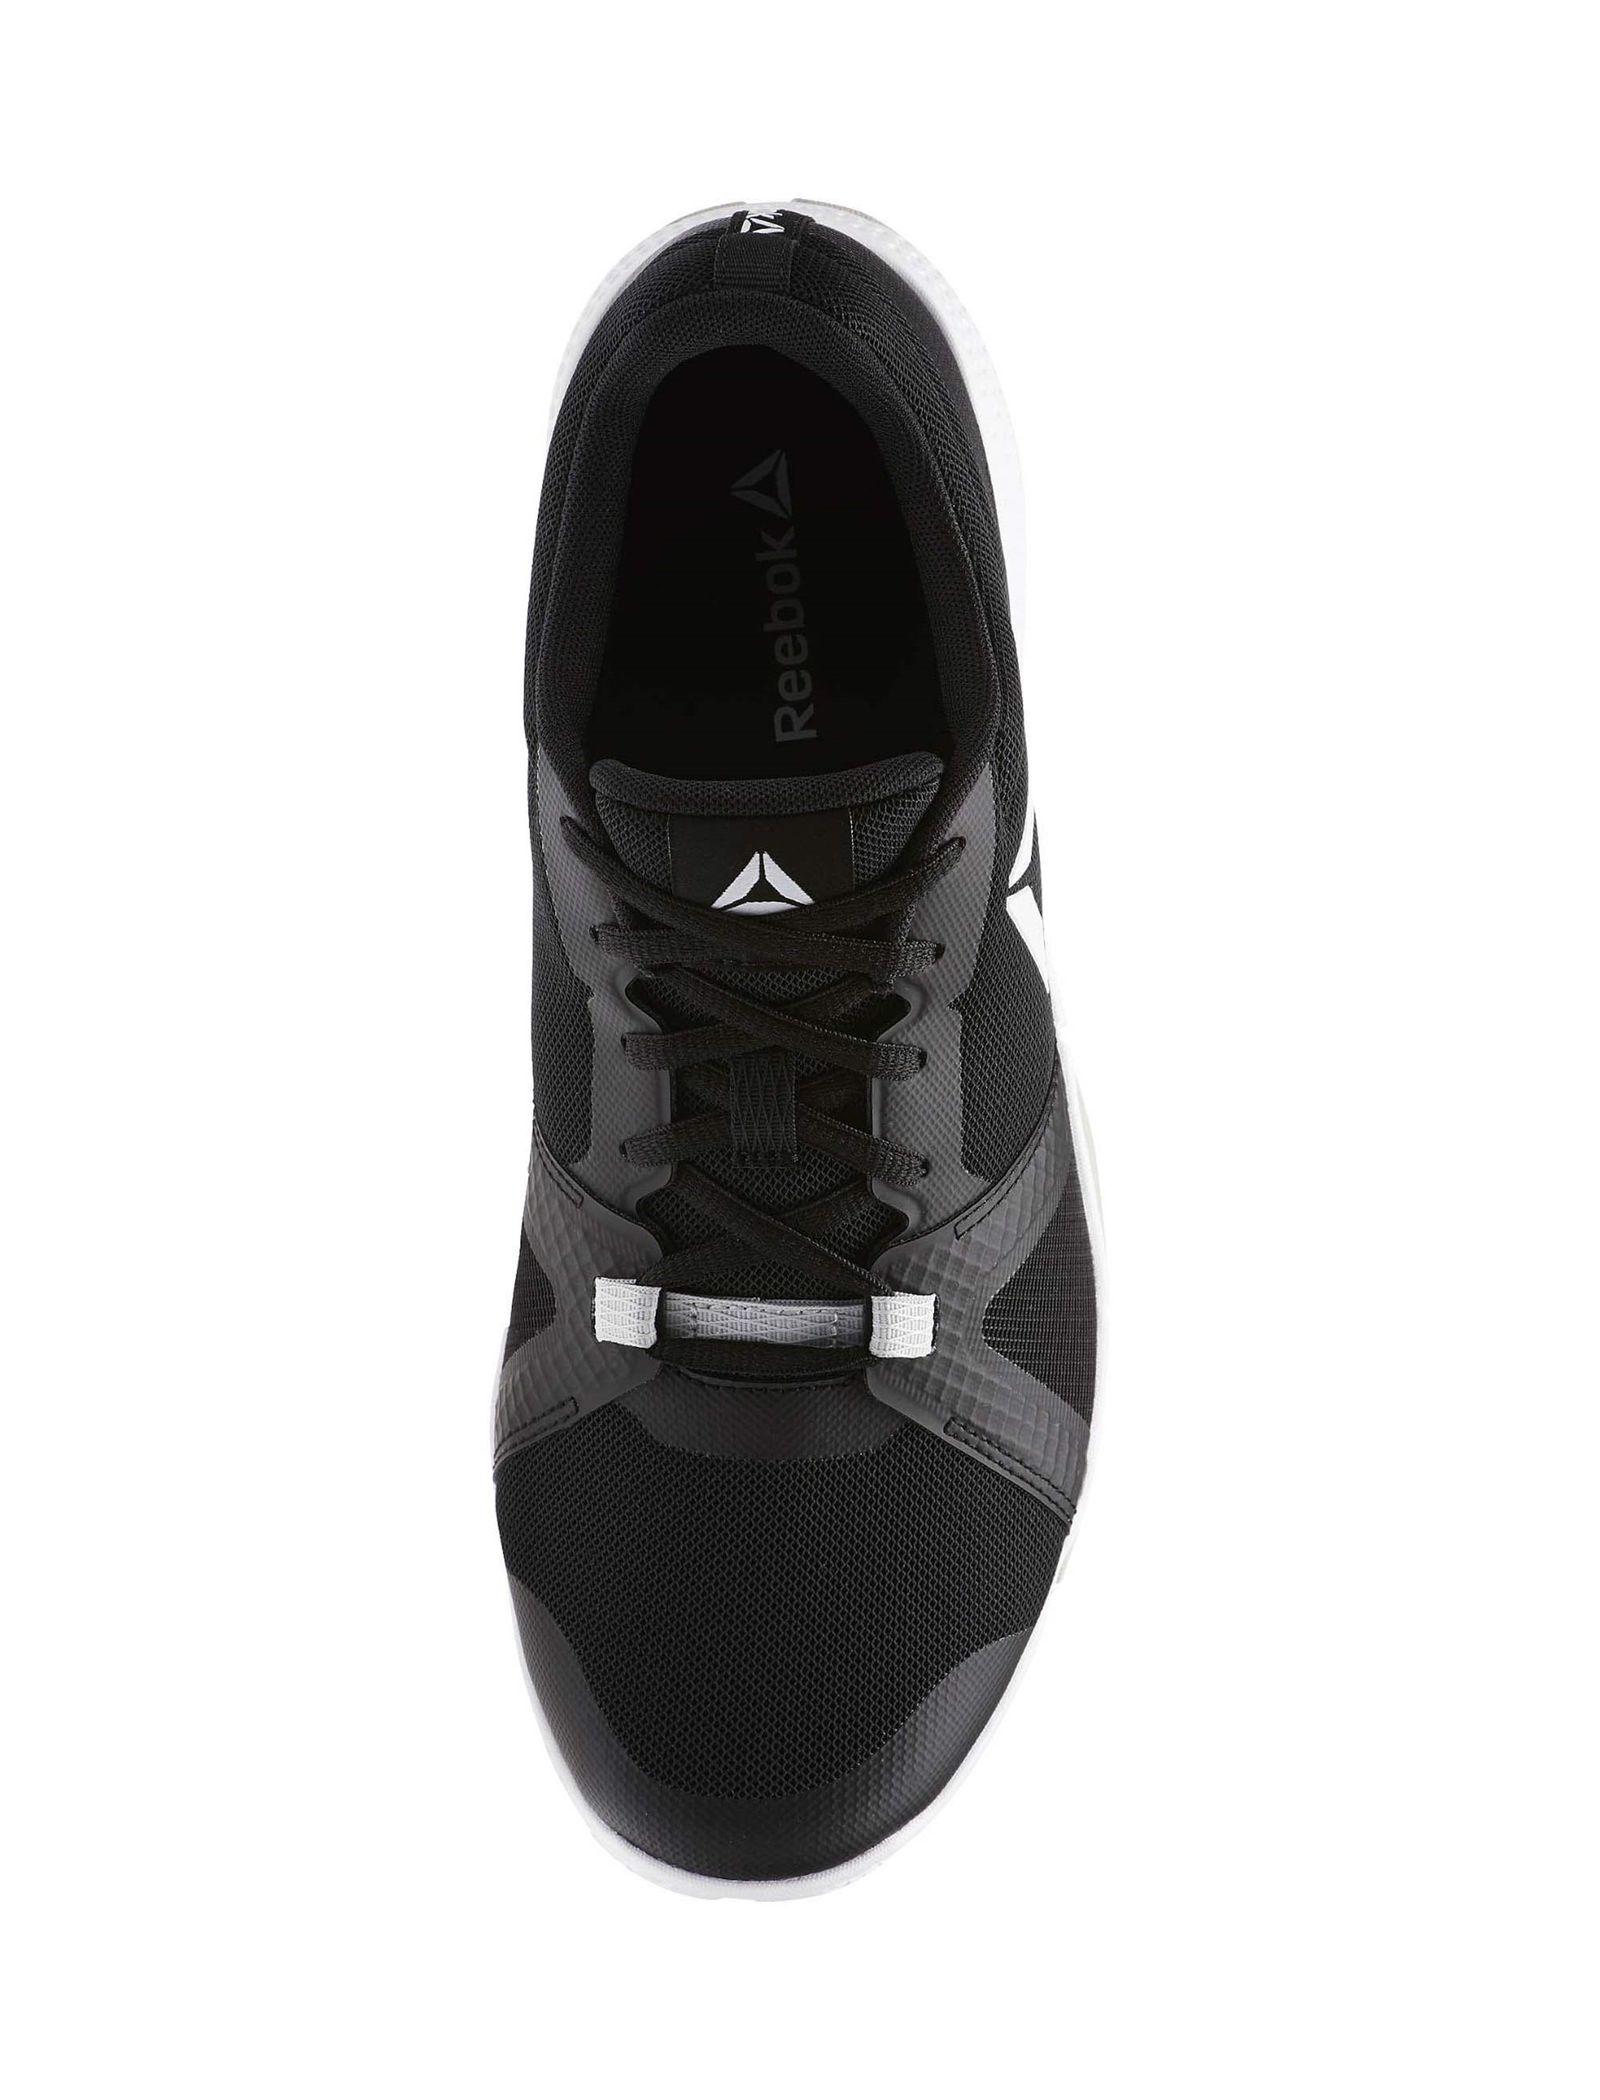 کفش تمرین بندی مردانه Flexile - ریباک - مشکي - 5